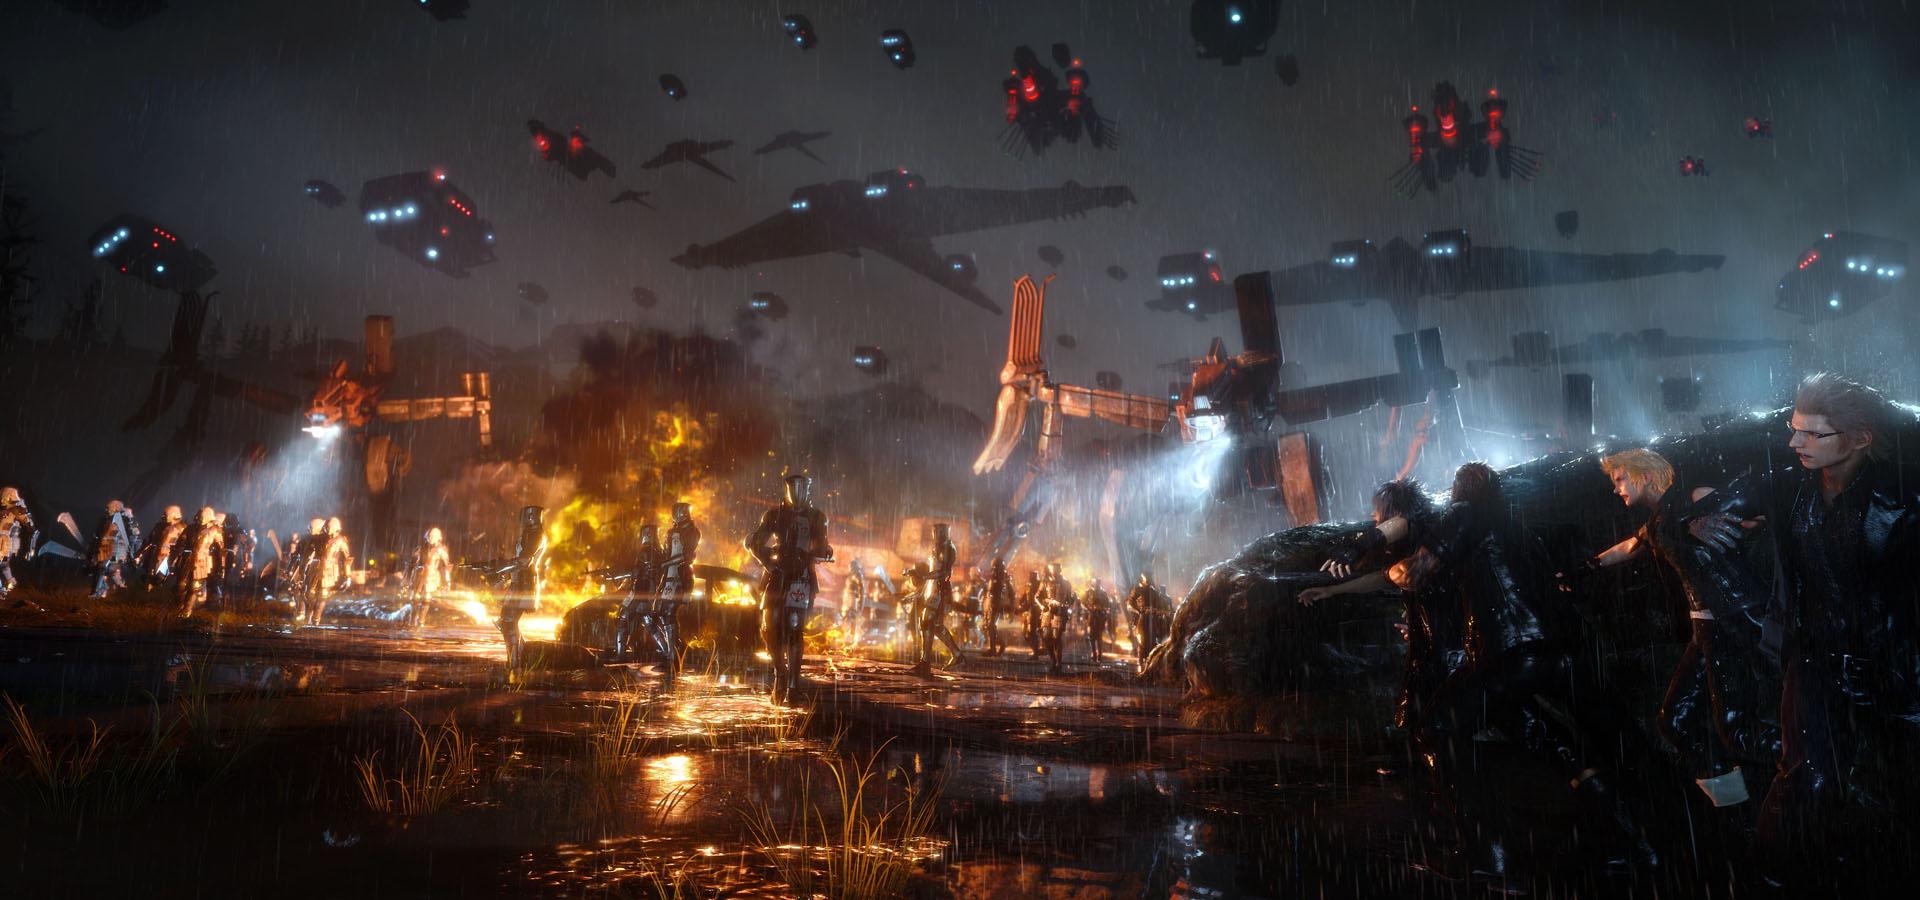 final-fantasy-xv-vgprofessional-review-23